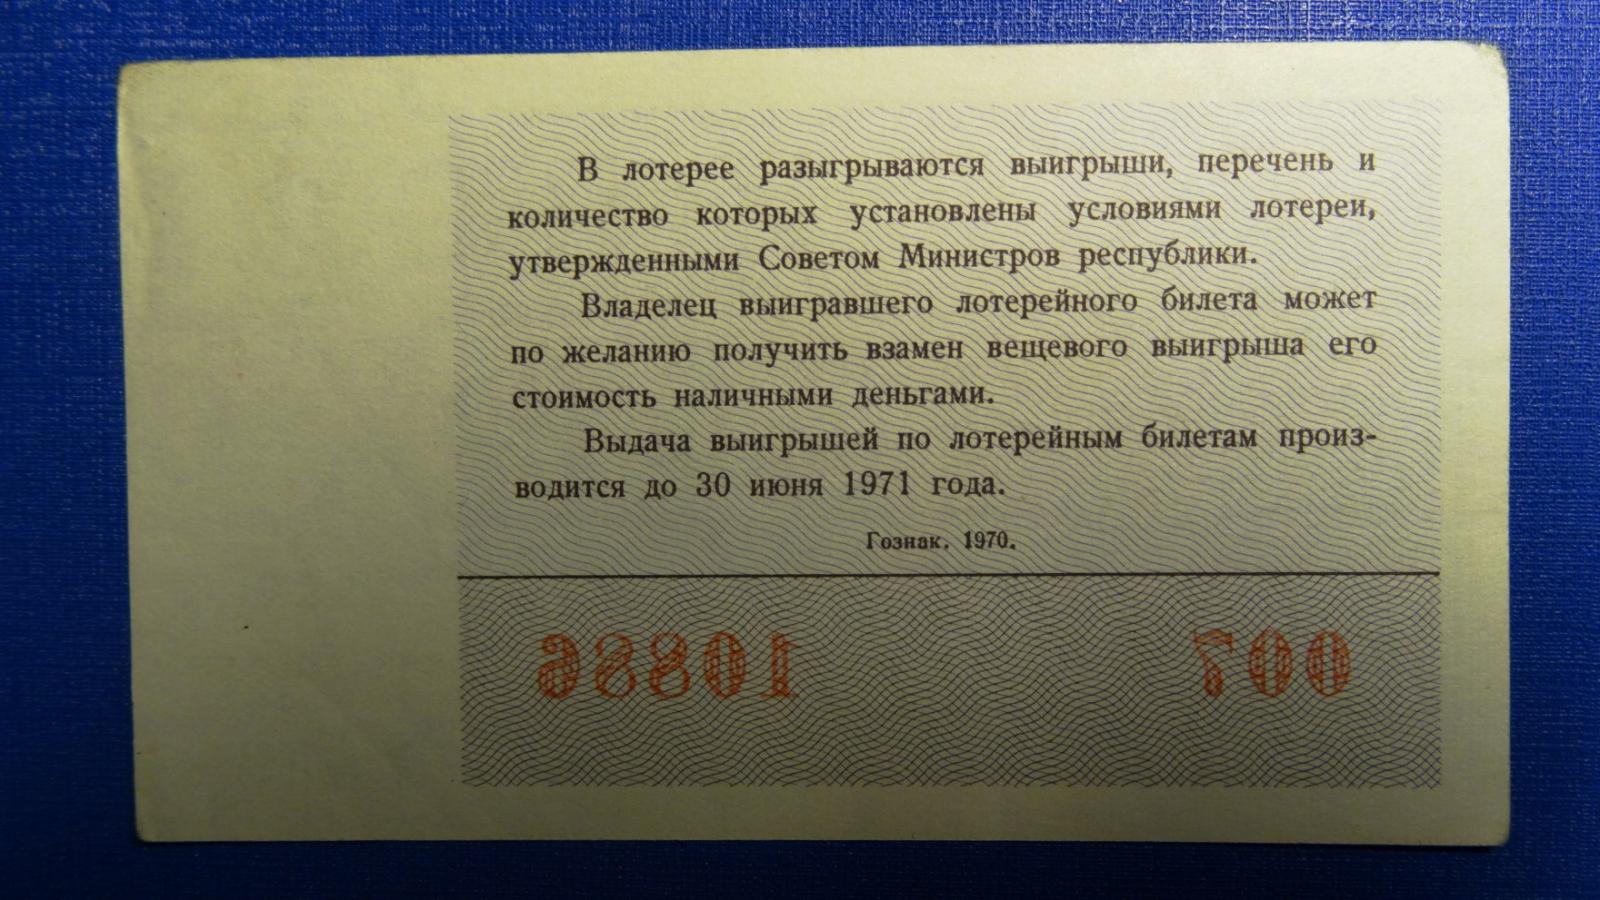 Cтолото купить билет через интернет без регистрации